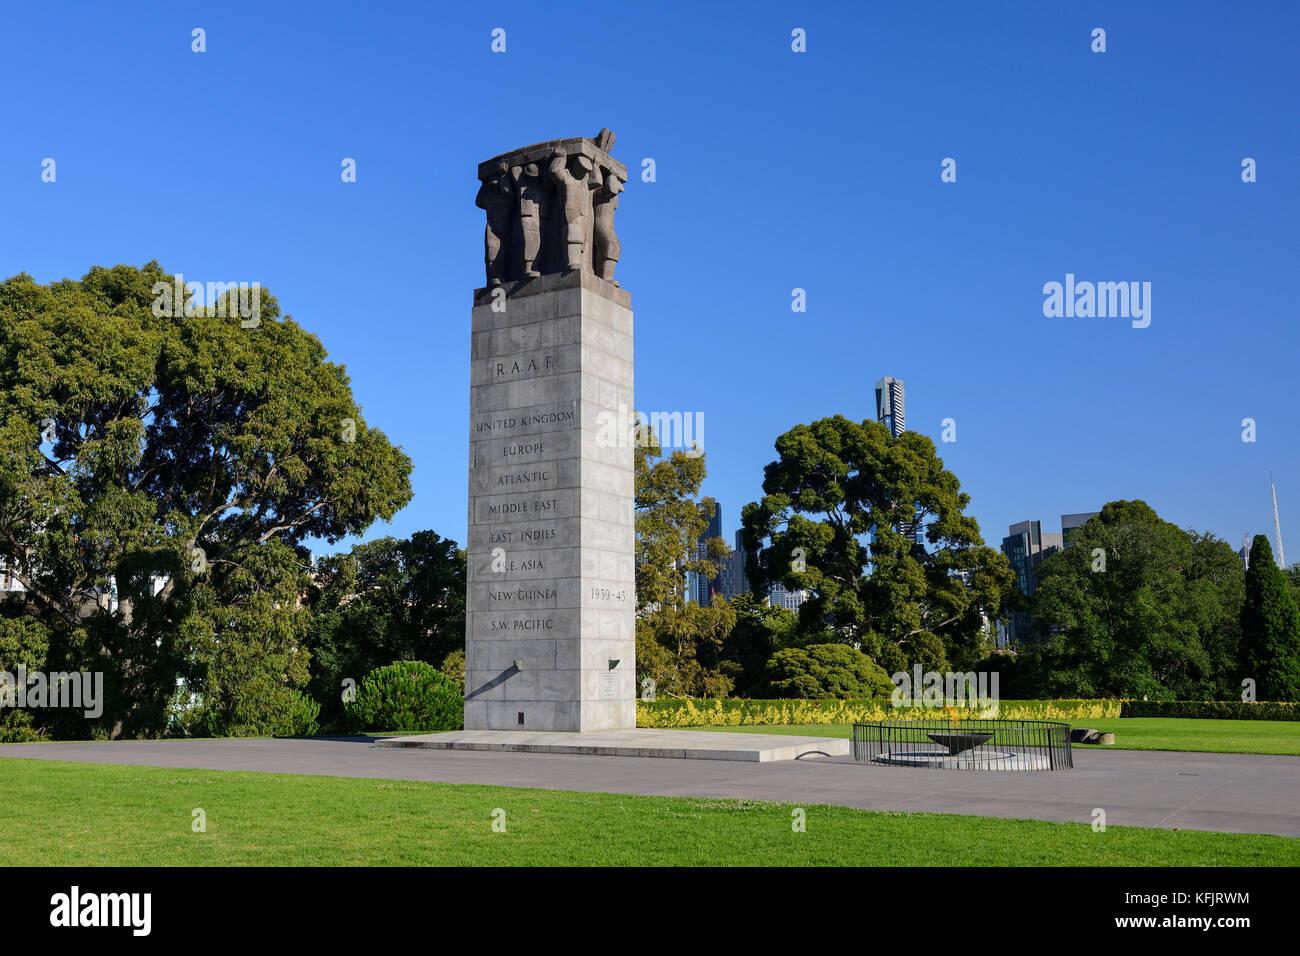 Royal Australian Air force world war ii Memorial dans le domaine du roi Park à Melbourne, Victoria, Australie Banque D'Images